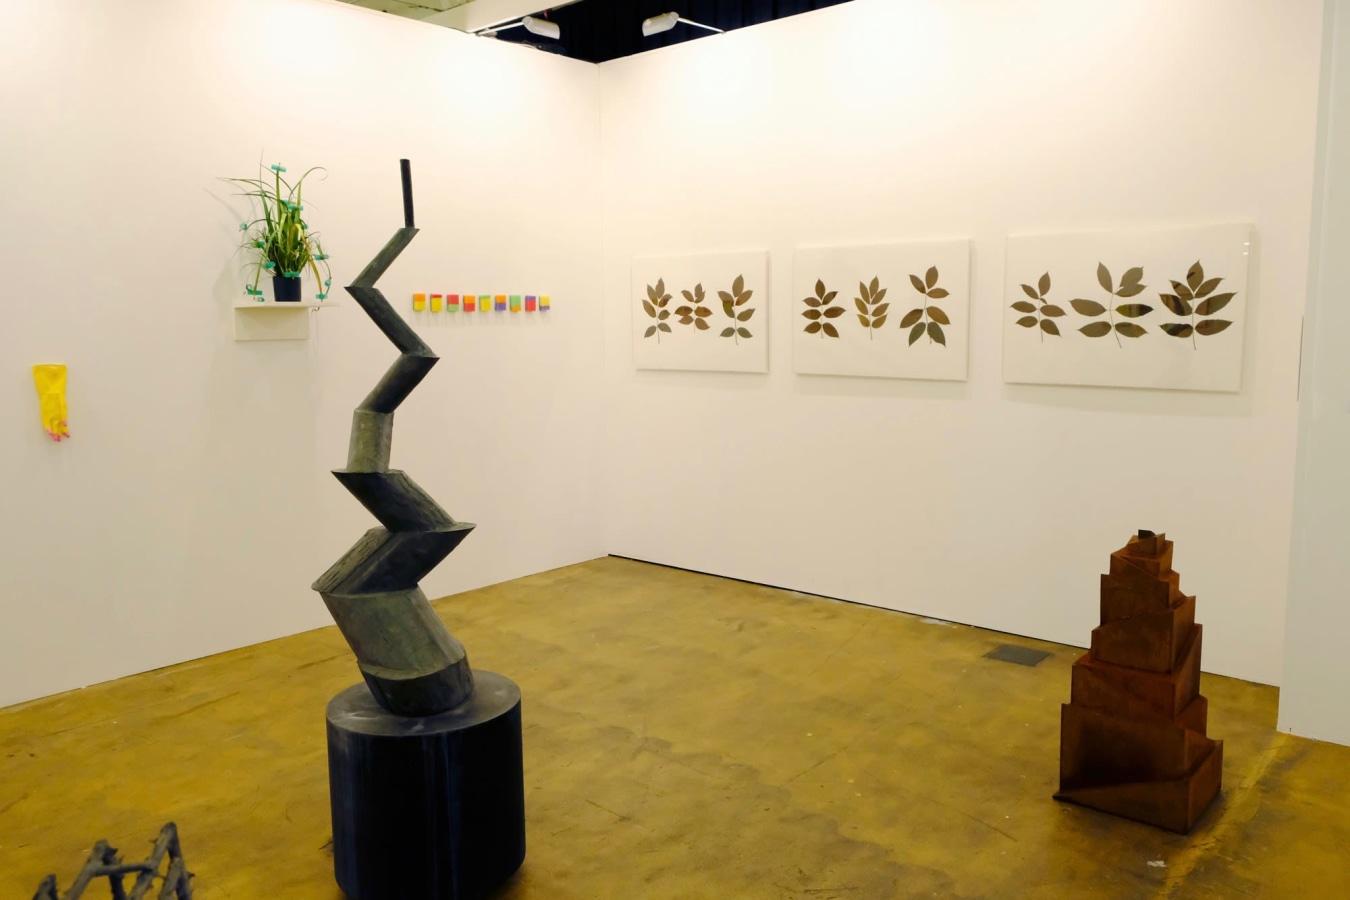 Art Rotterdam 2019, Sjoerd Buisman, Guido Geelen, Michael Johansson, Willy de Sauter, D.D. Trans,